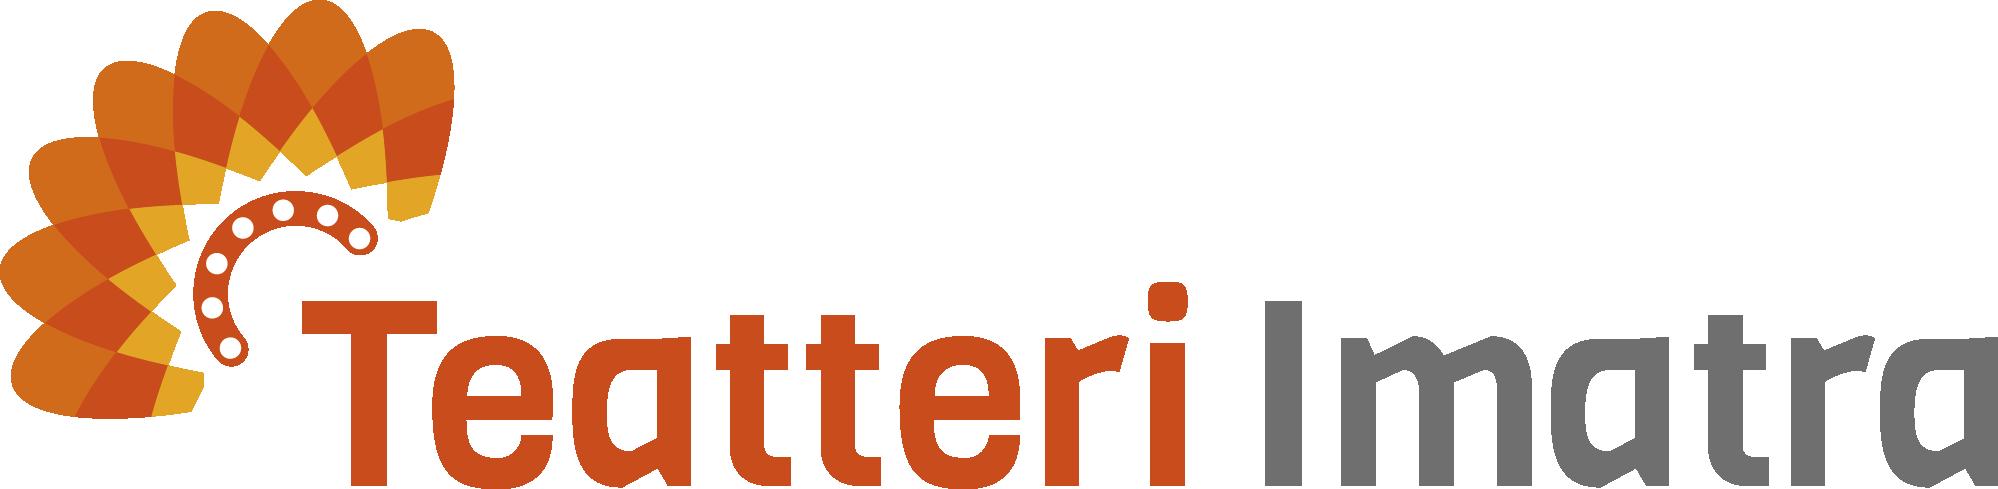 Teatteriimatra.uusi logo